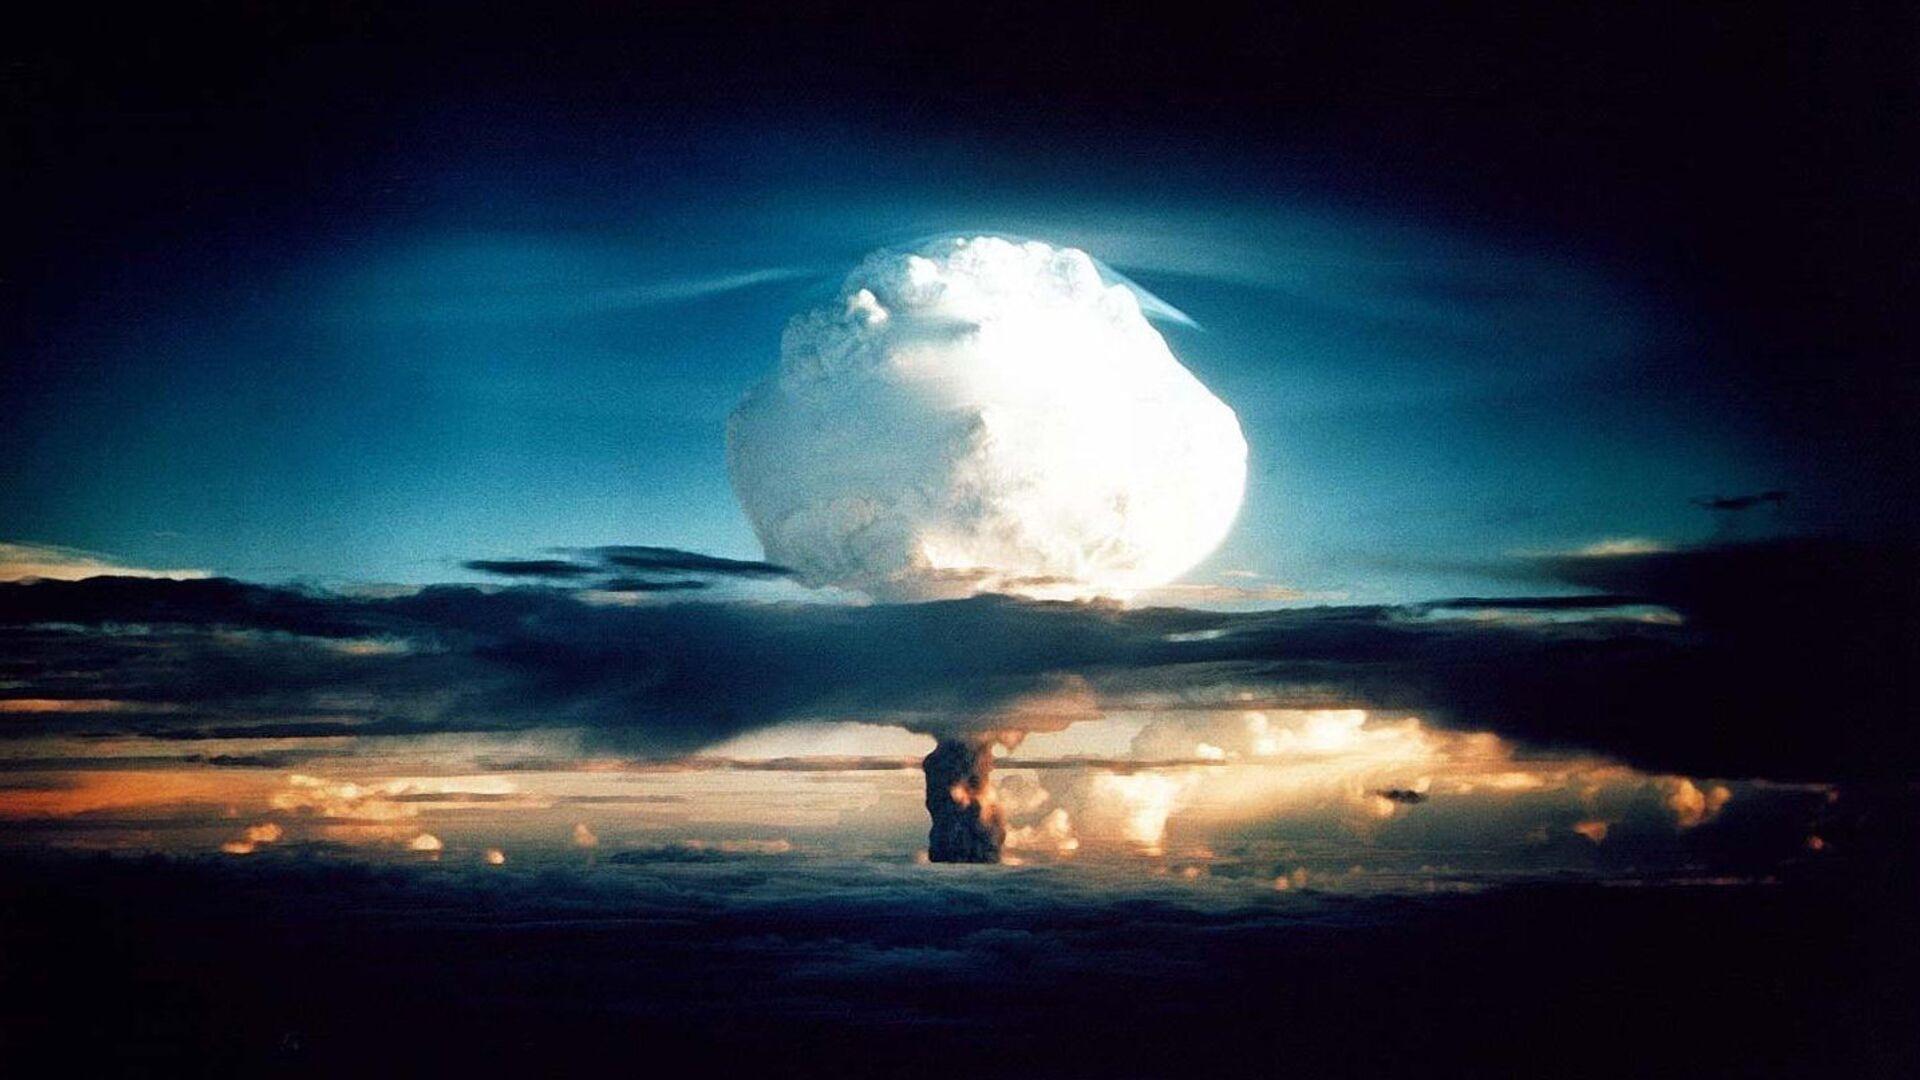 Испытание термоядерного взрывного устройства в США - РИА Новости, 1920, 24.02.2021